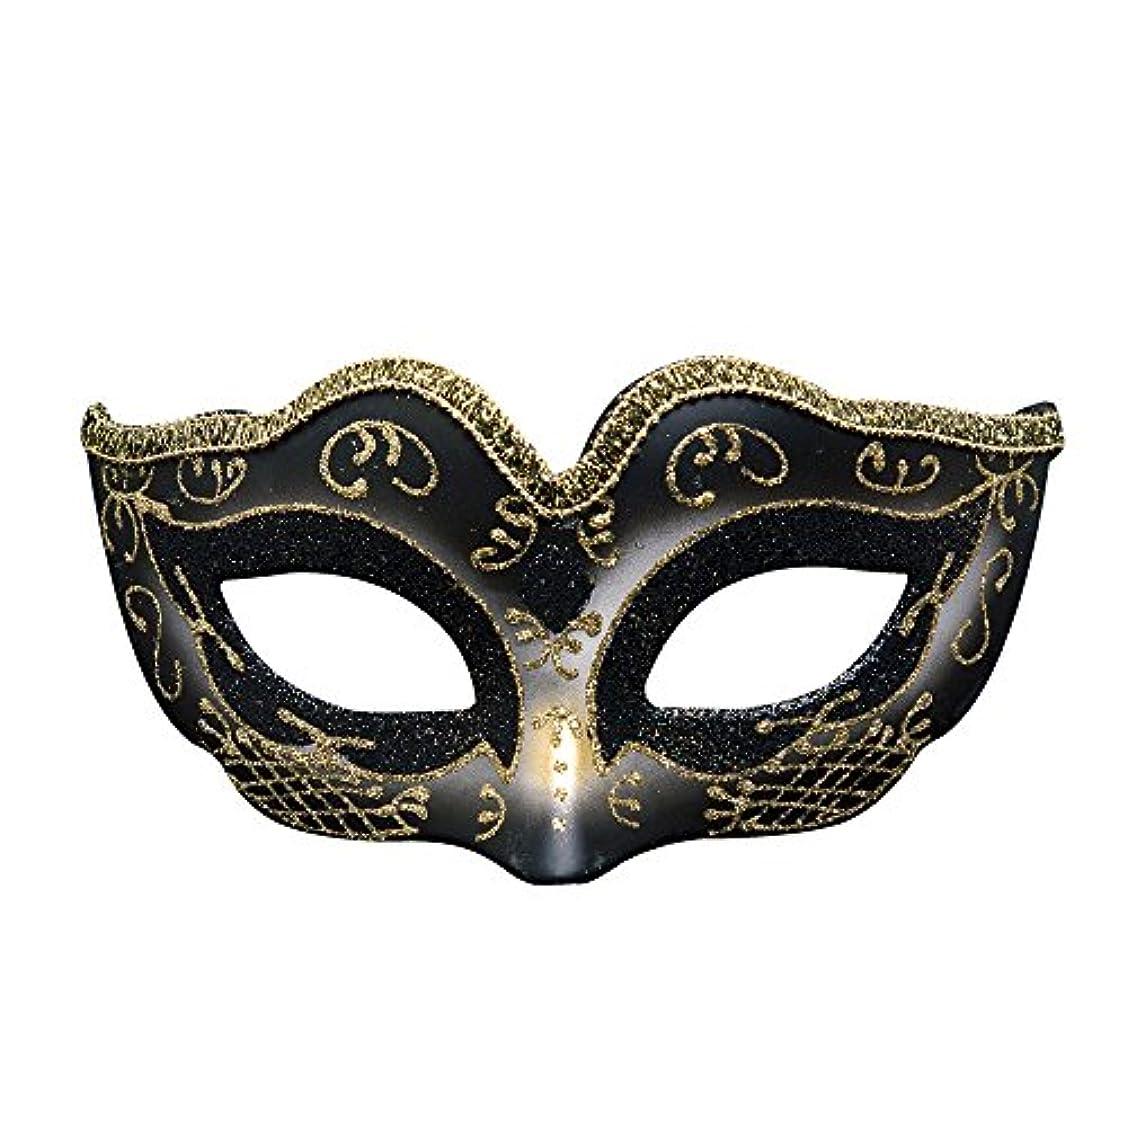 韓国語音楽家前部クリエイティブカスタム子供のなりすましパーティーハロウィーンマスククリスマス雰囲気マスク (Color : E)